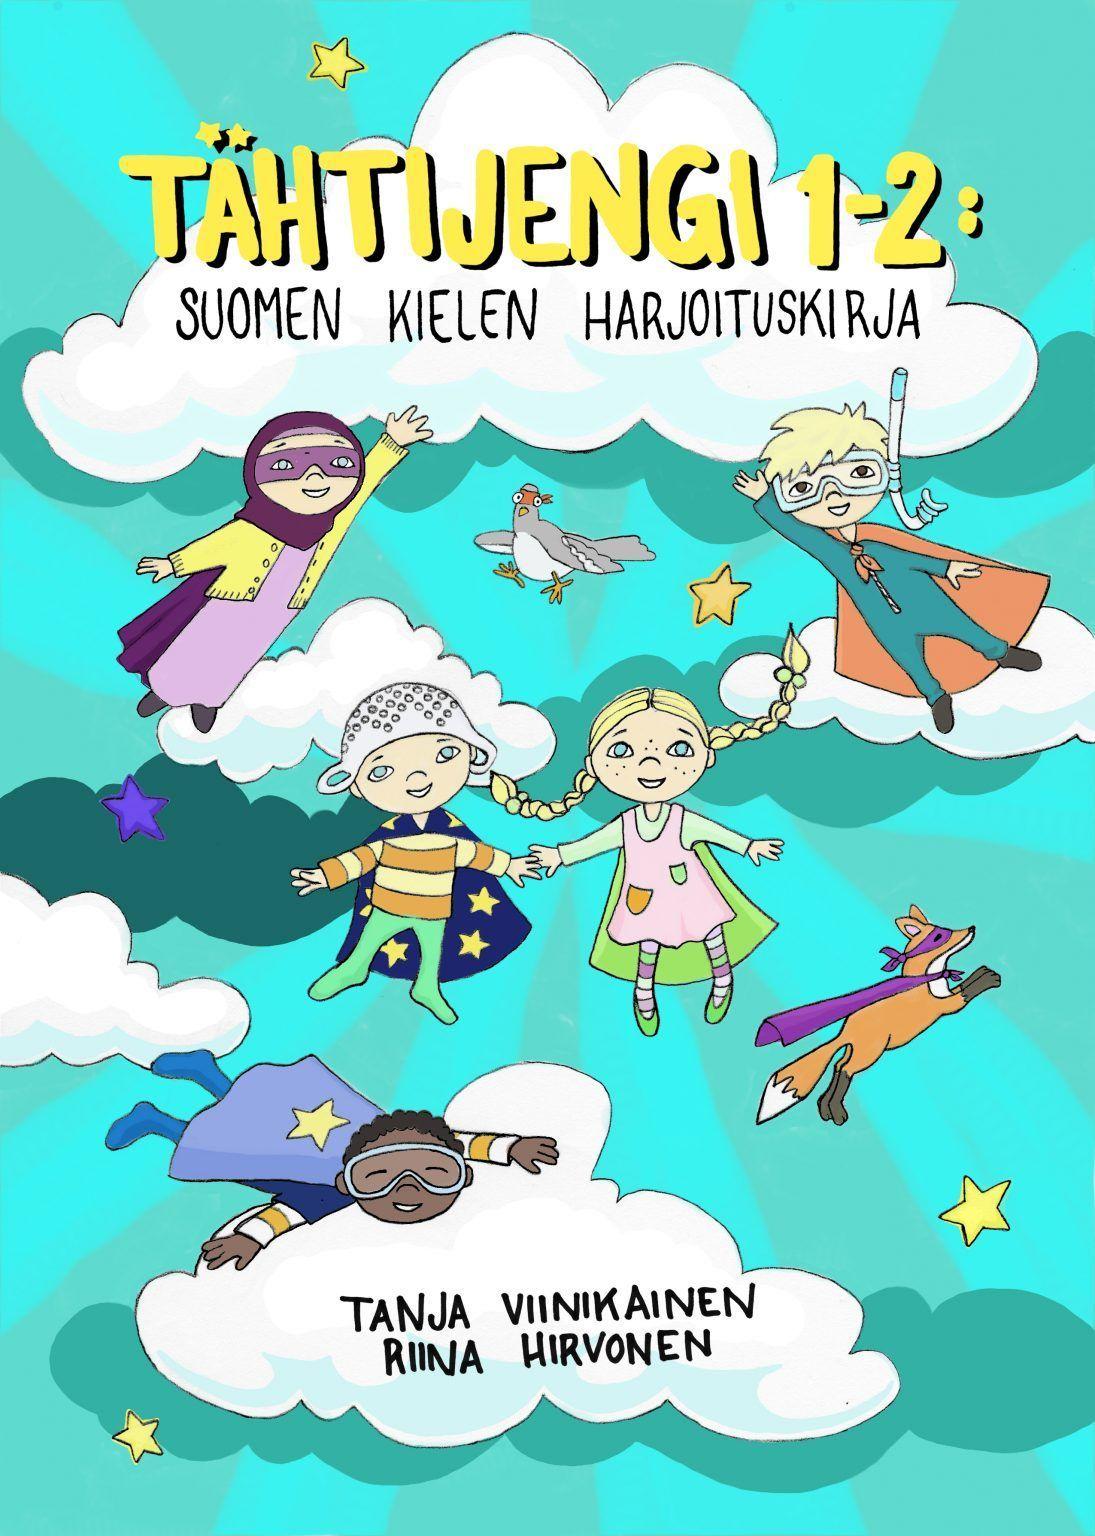 Tähtijengi 12 — Dialogikasvatus in 2020 Cartoon network